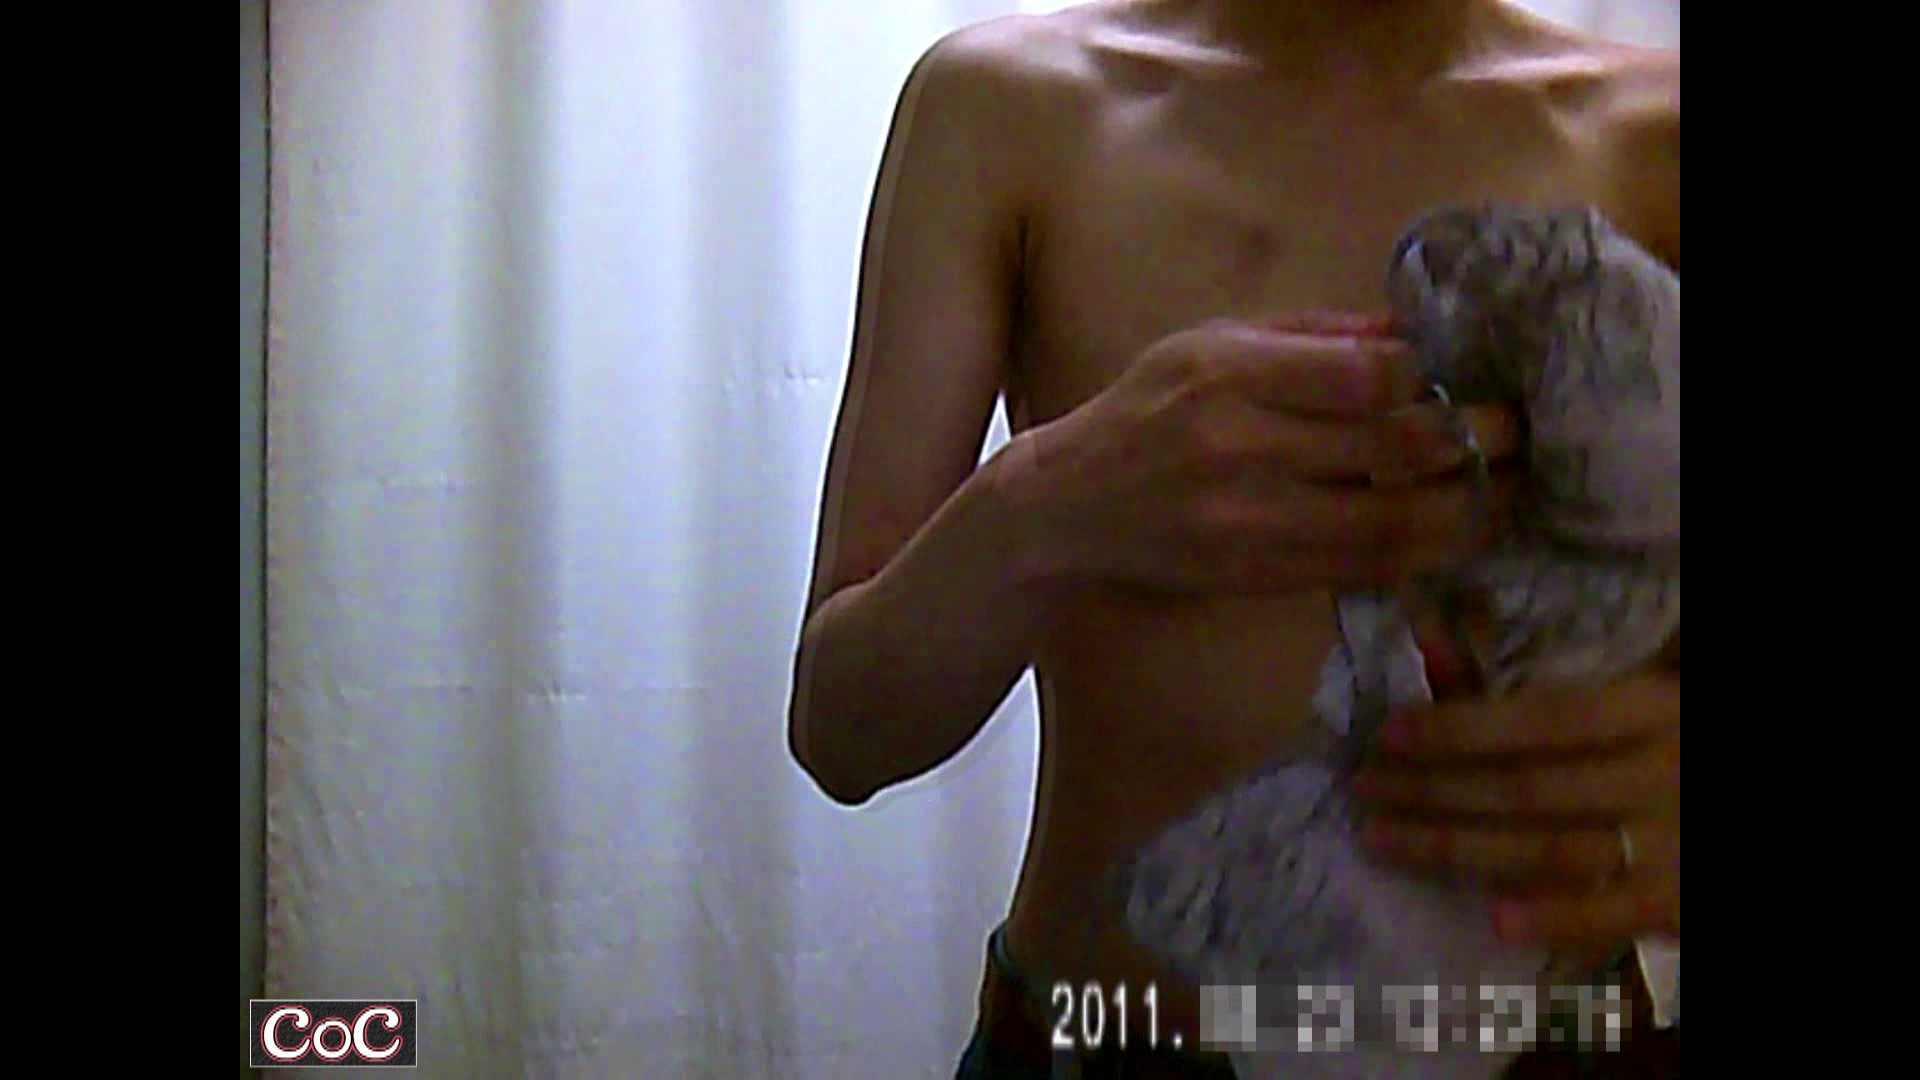 病院おもいっきり着替え! vol.17 OLの実態 盗撮ヌード画像 102pic 16